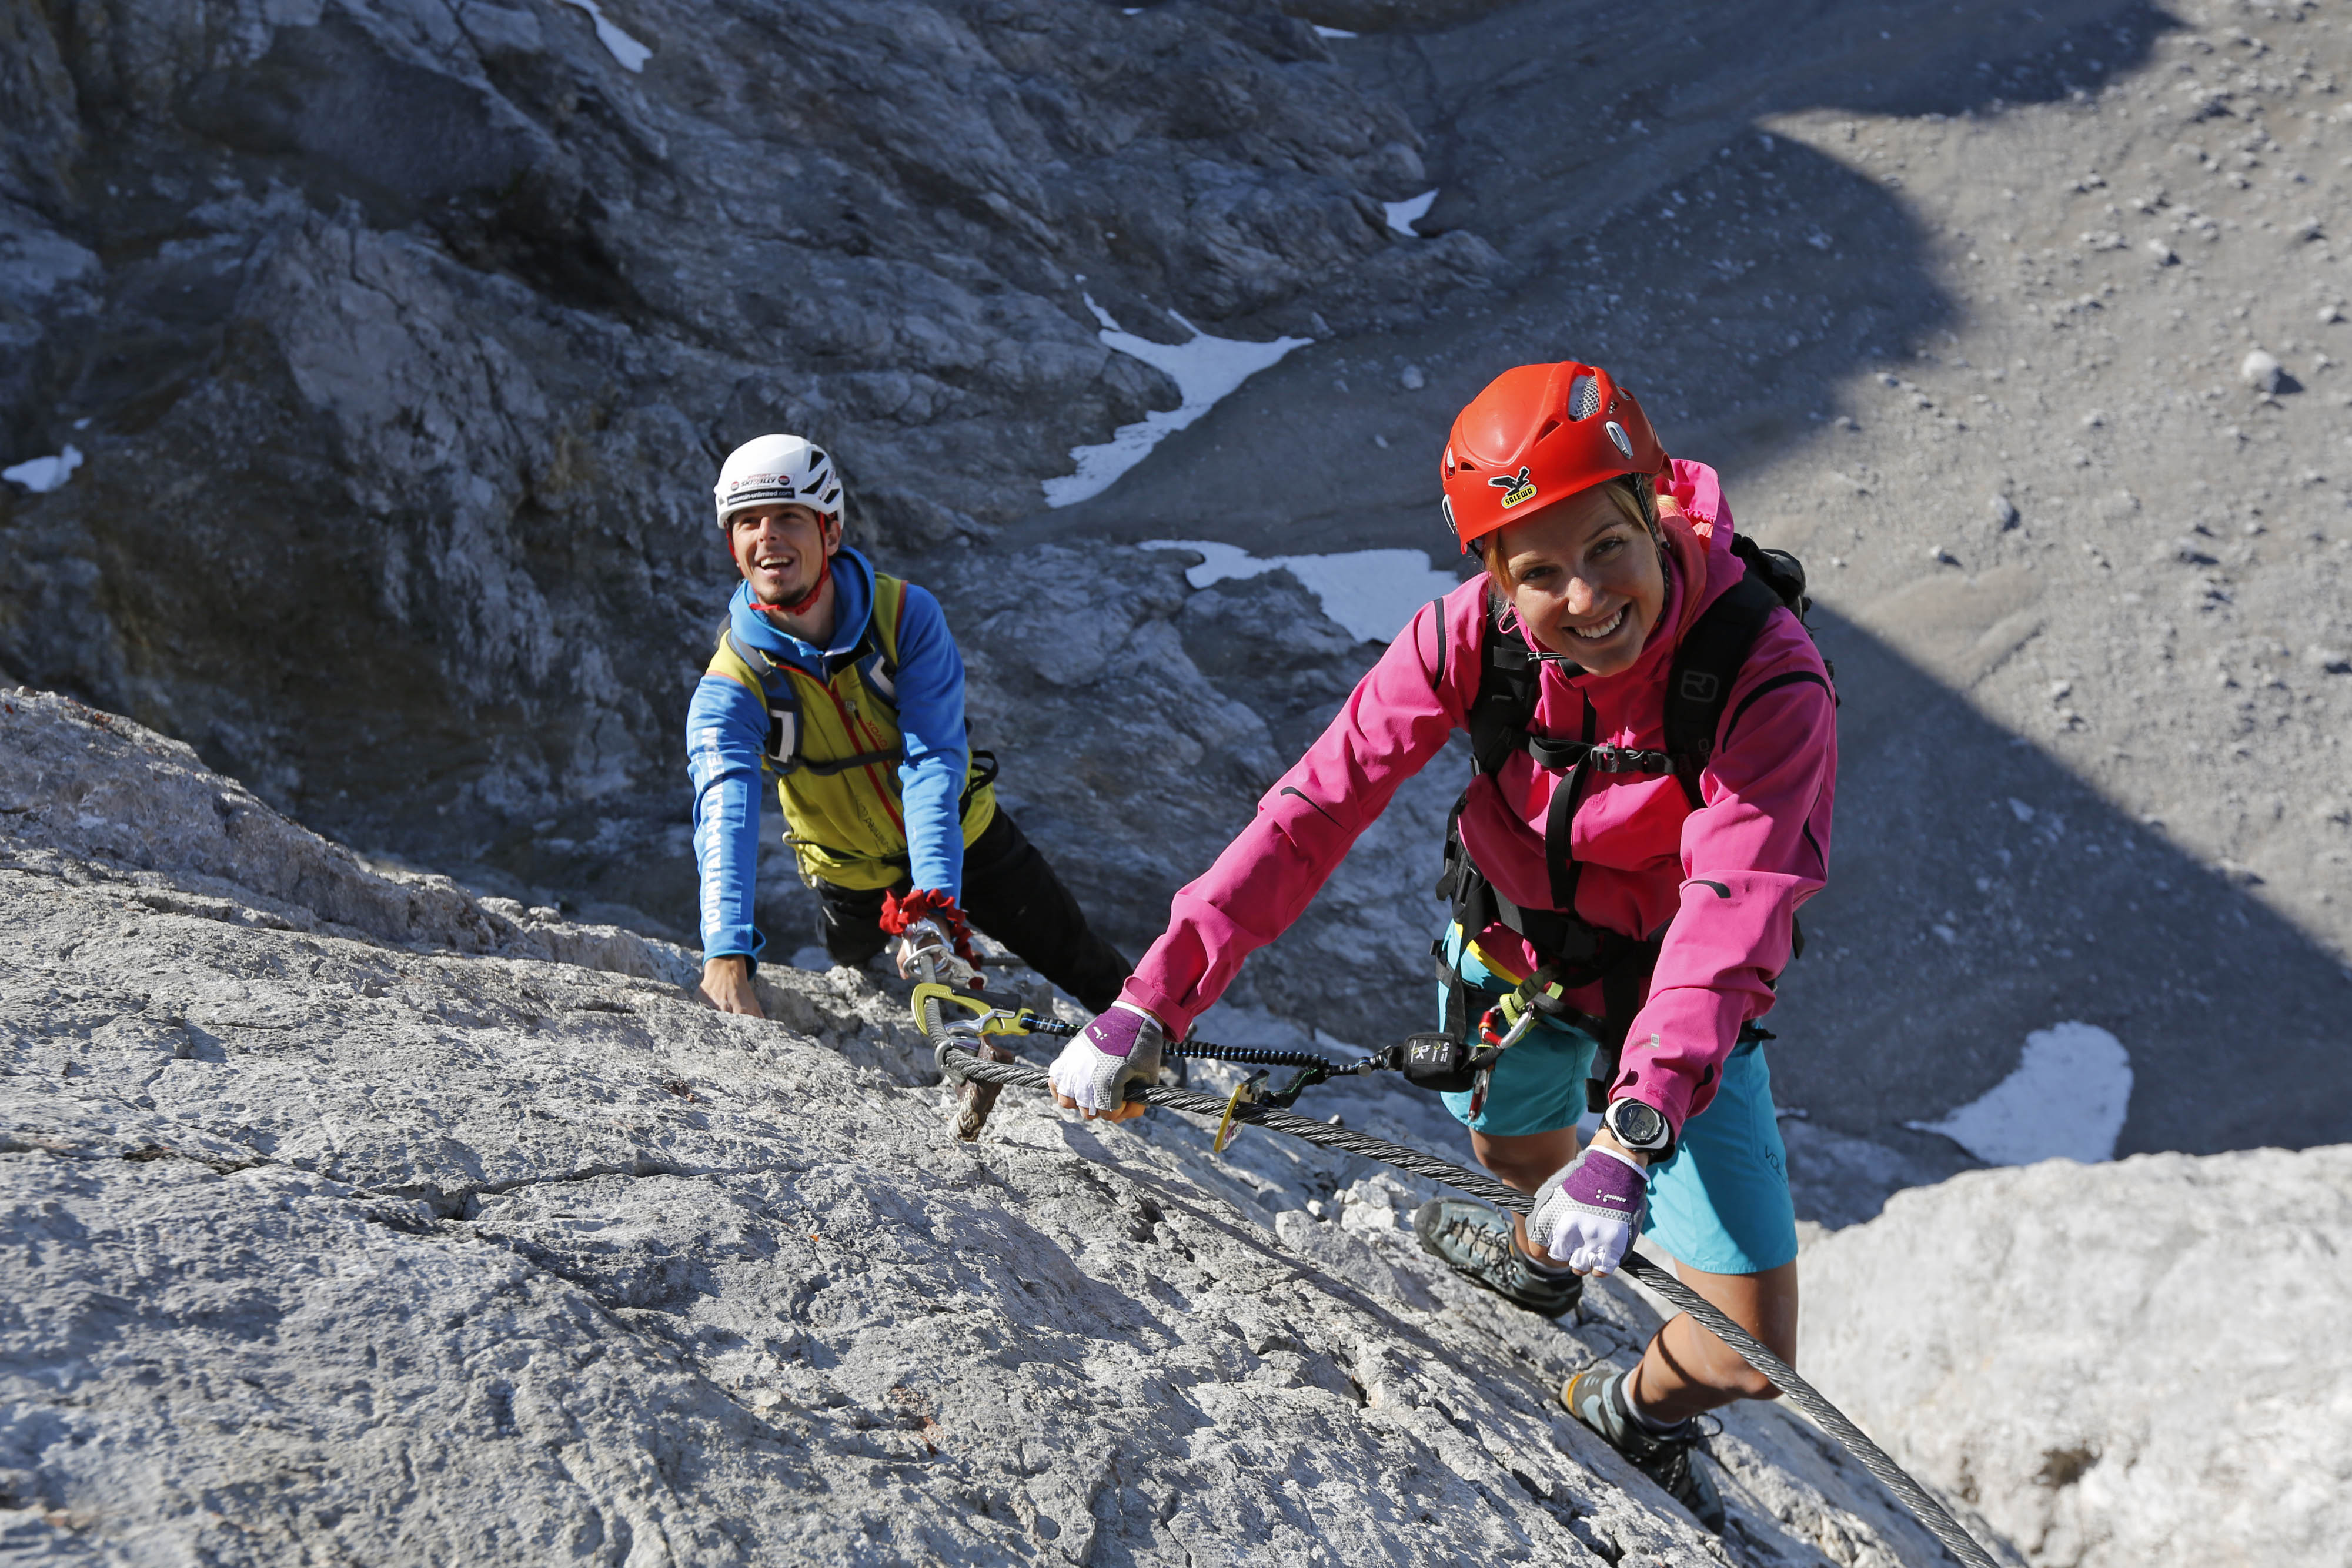 Klettersteig Ramsau : 175 jahre klettersteig genusszeit